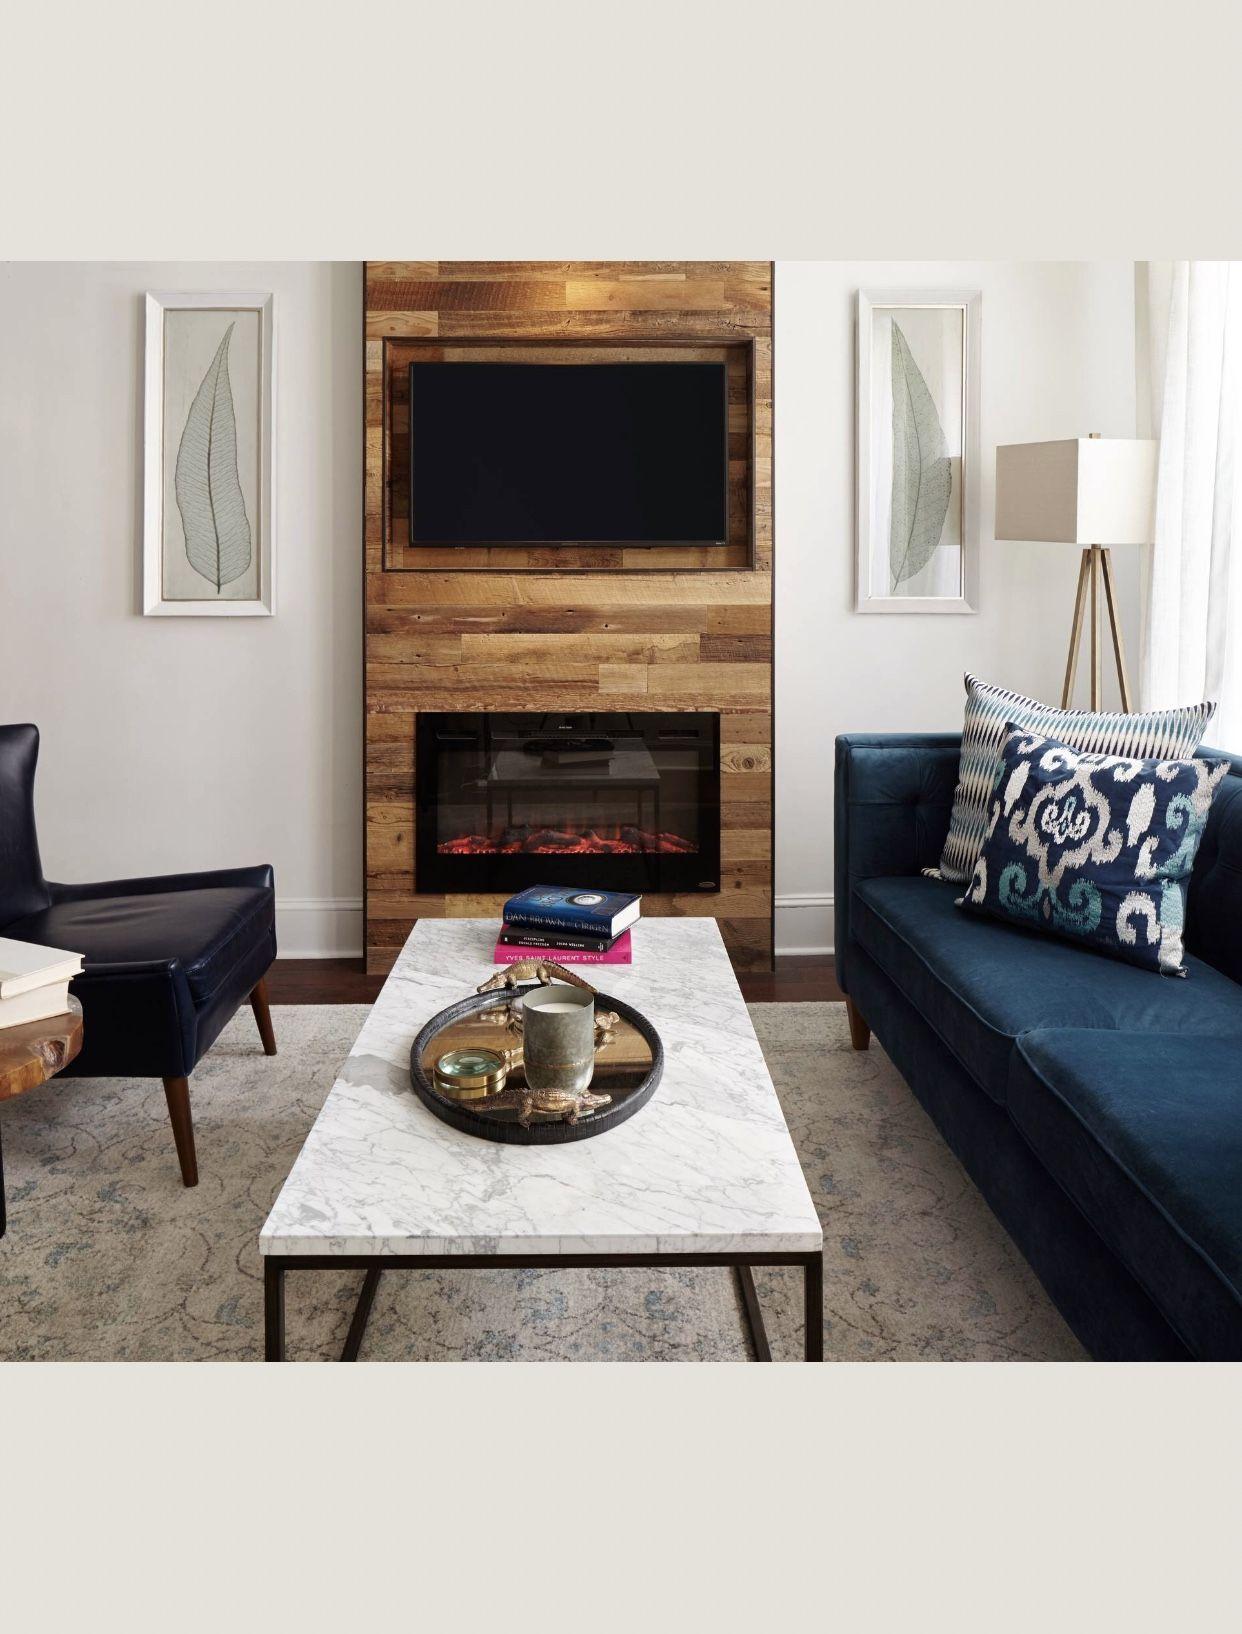 Salon chic et moderne avec cheminée murale et télé encastrée - deco ...